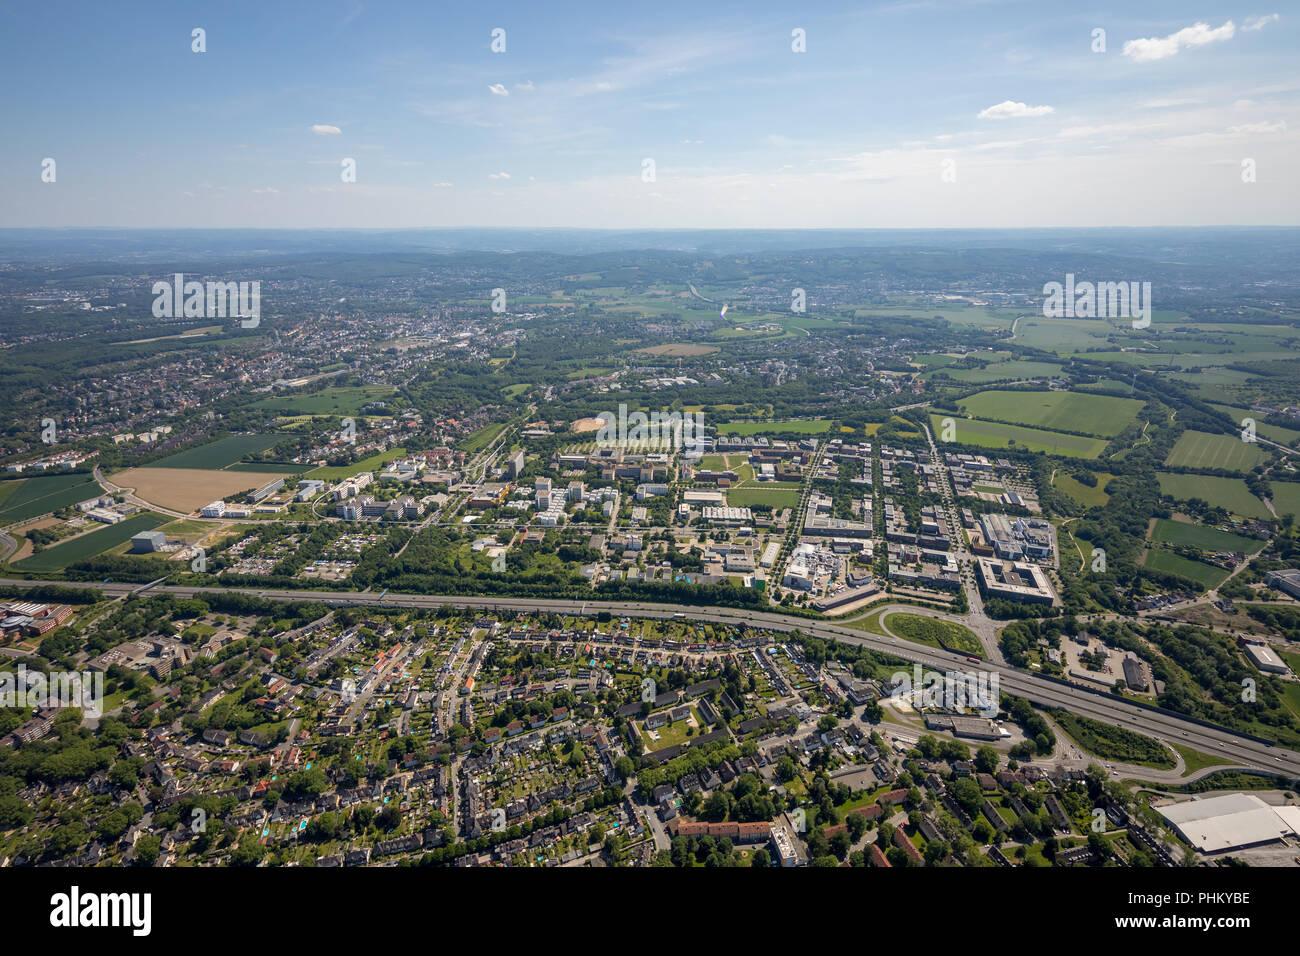 Aerial view, TechnologiePark Dortmund, Technische Universität Dortmund, TU Dortmund, TechnologieZentrumDortmund, TZDO Dortmund, Ruhrgebiet, Nordrhein- - Stock Image